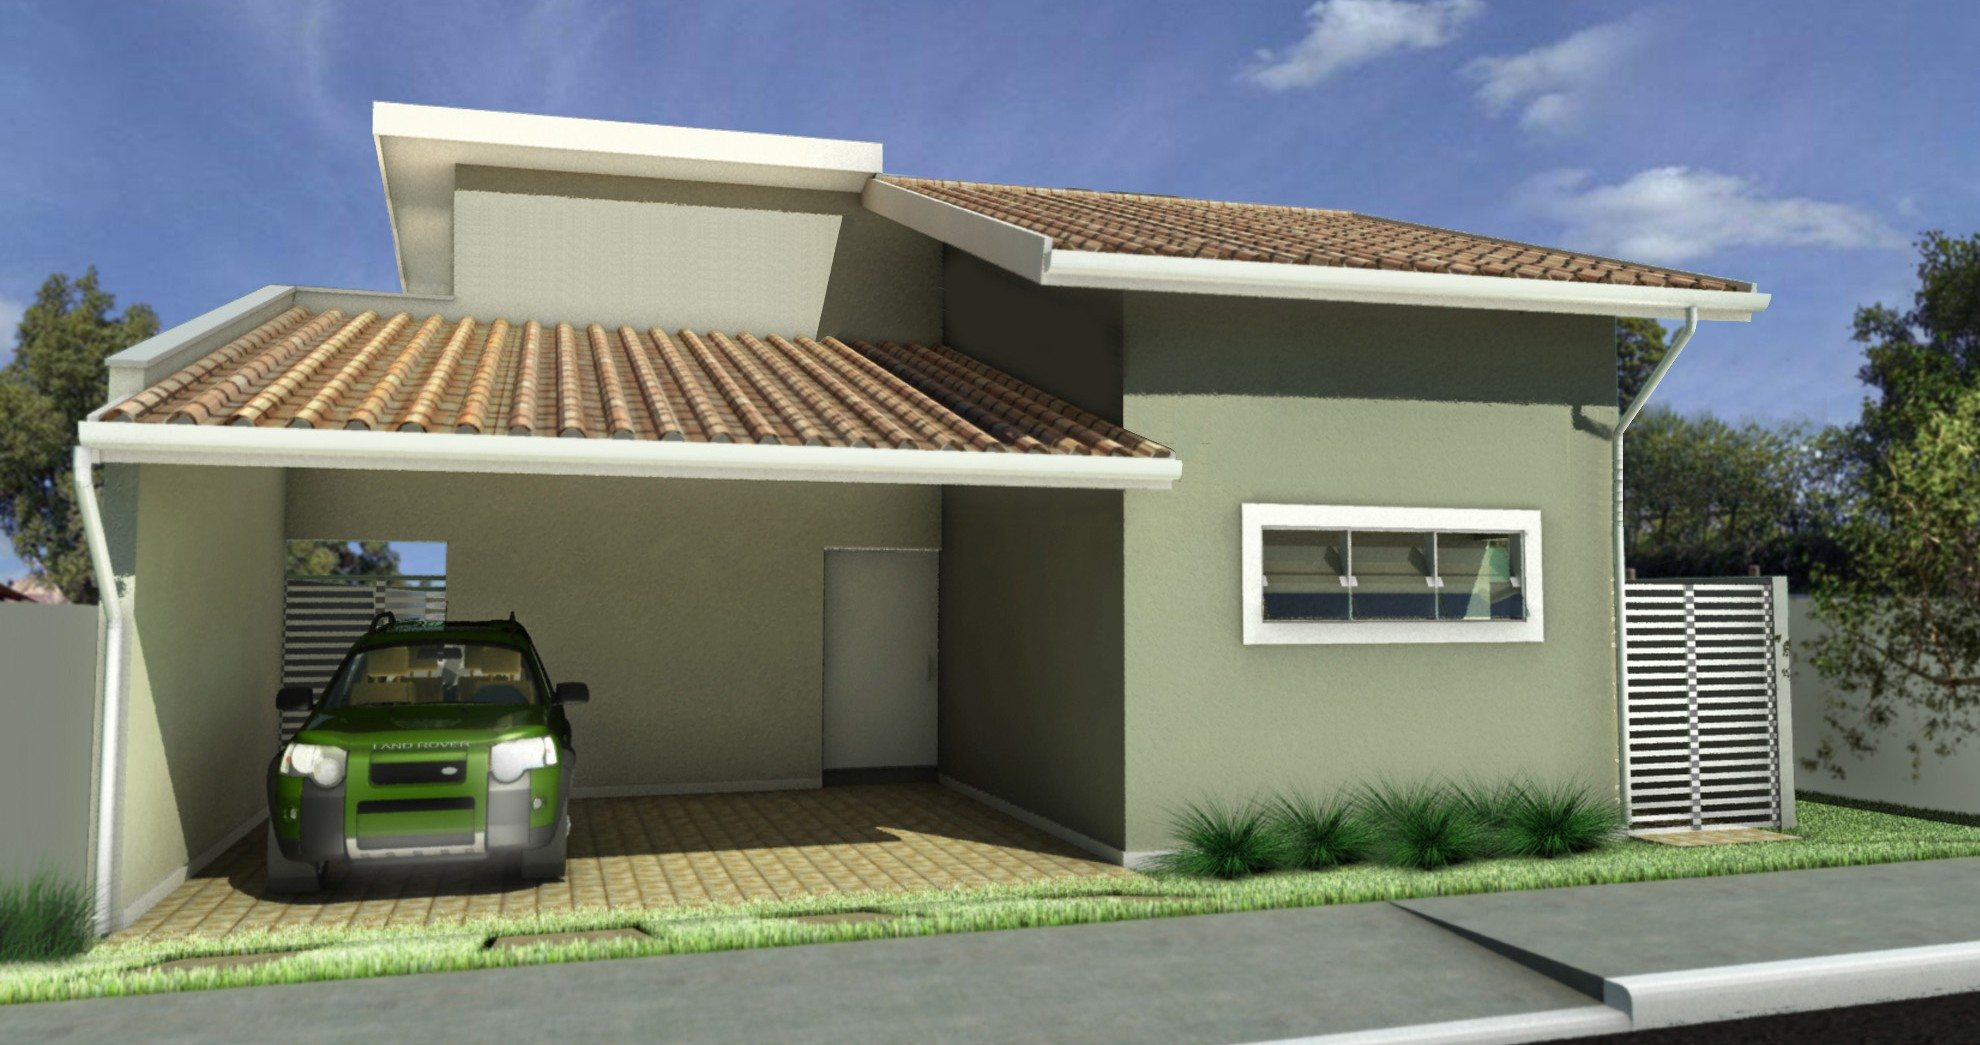 Fachadas de casas com garagem modernas pequenas fotos for Modelos jardines para casas pequenas